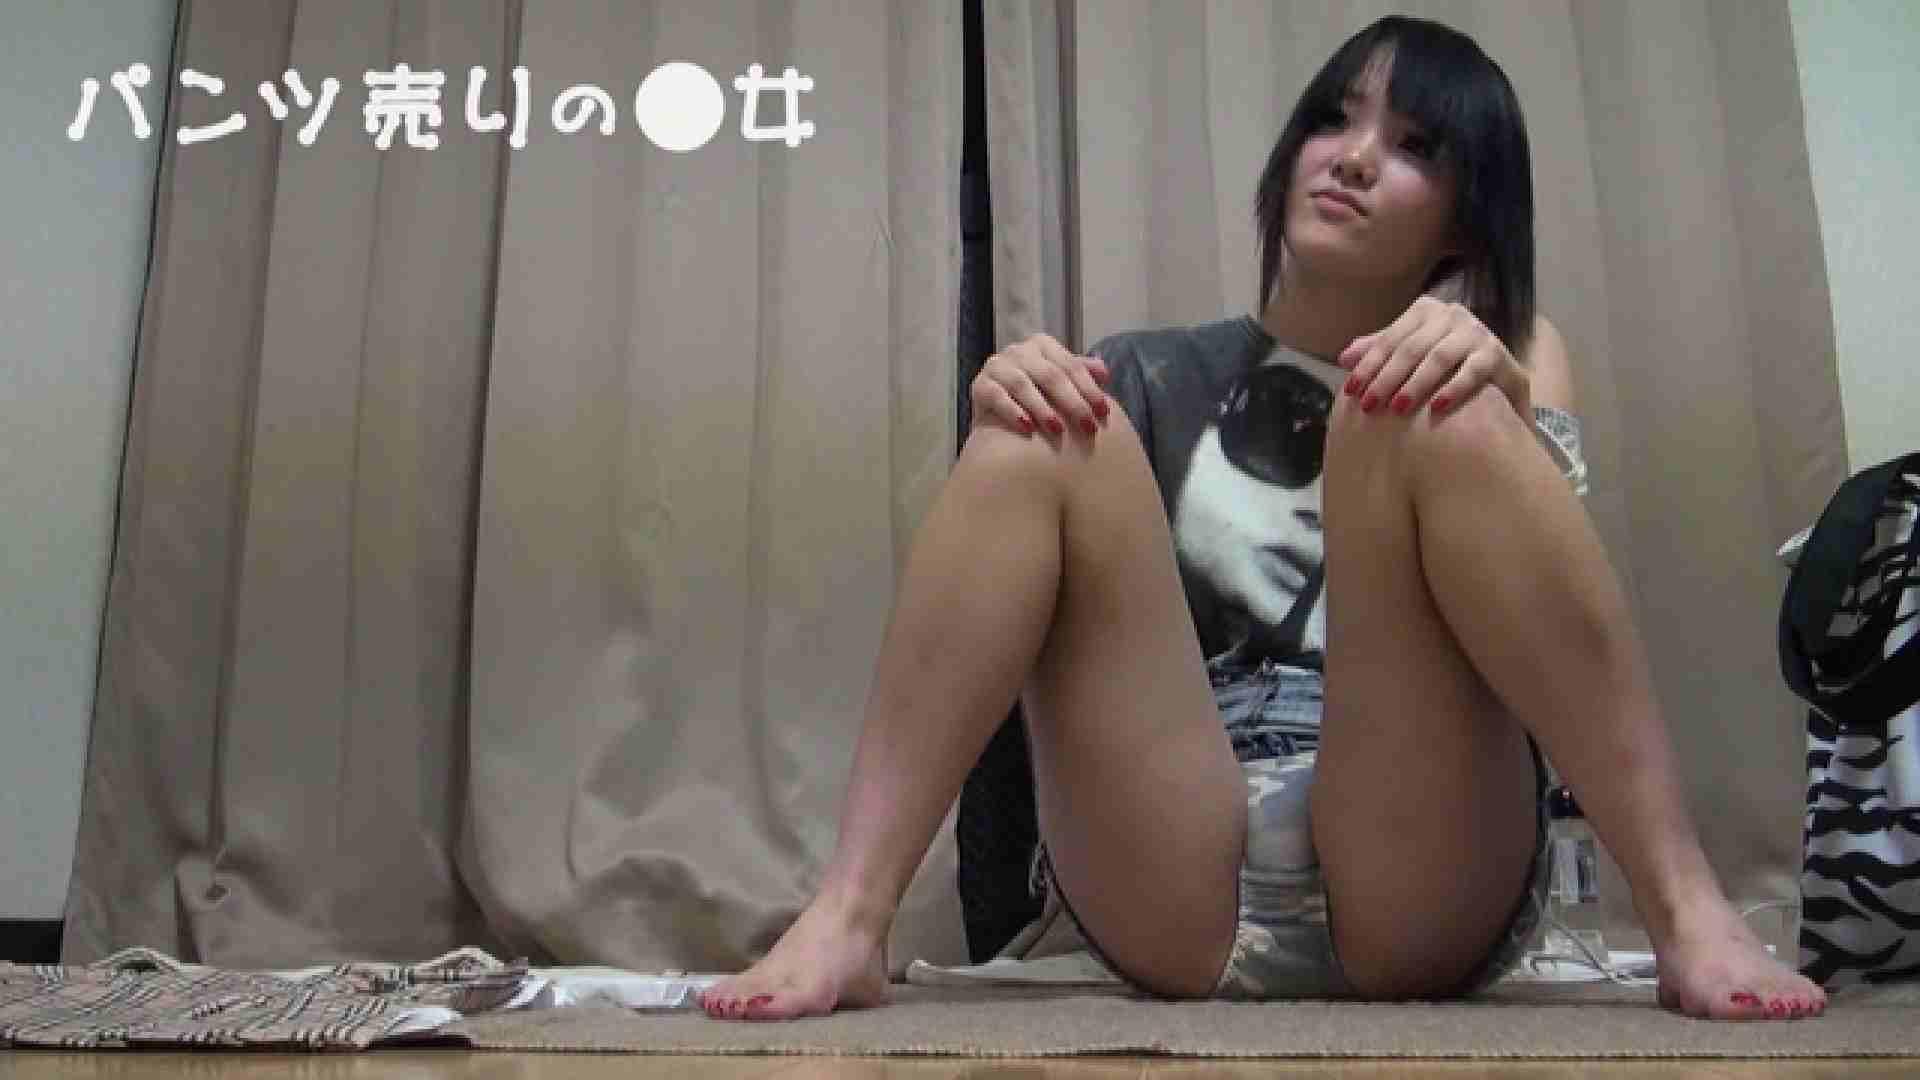 新説 パンツ売りの女の子mizuki02 覗き  98連発 12